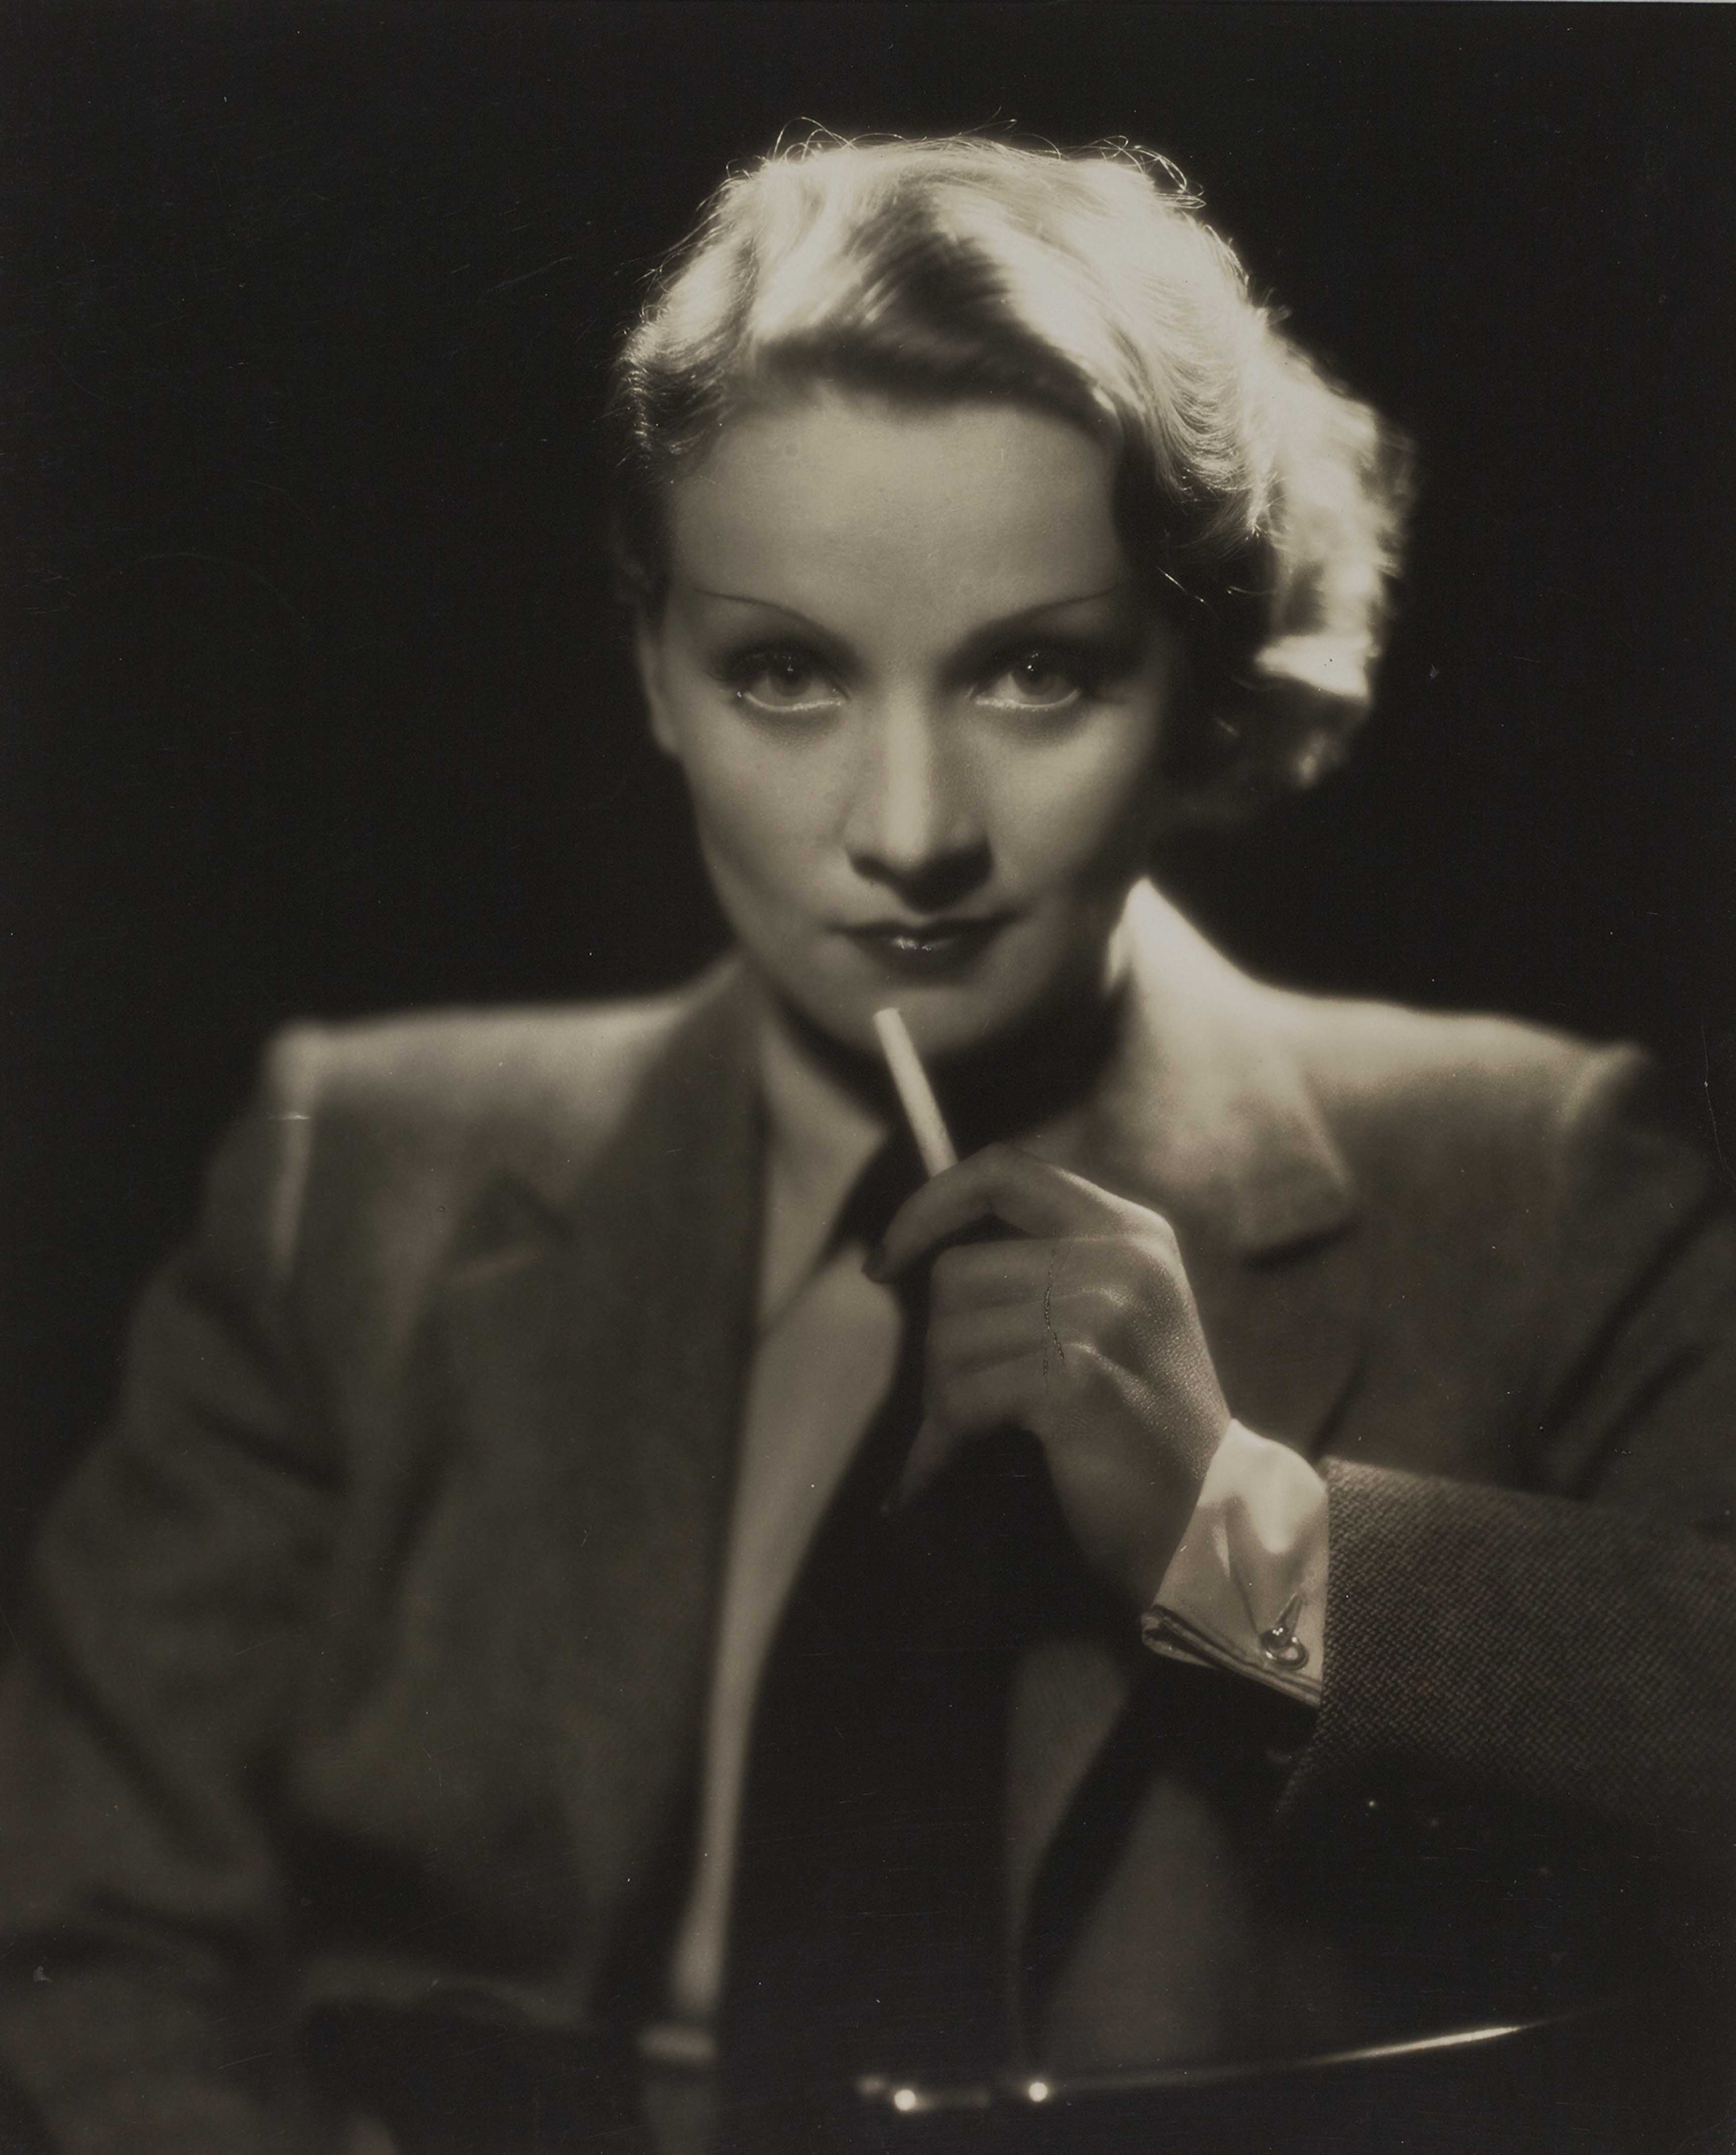 Eugene Richee Marlene Dietrich, vers 1932 © Everett Collection/Bridgeman Images